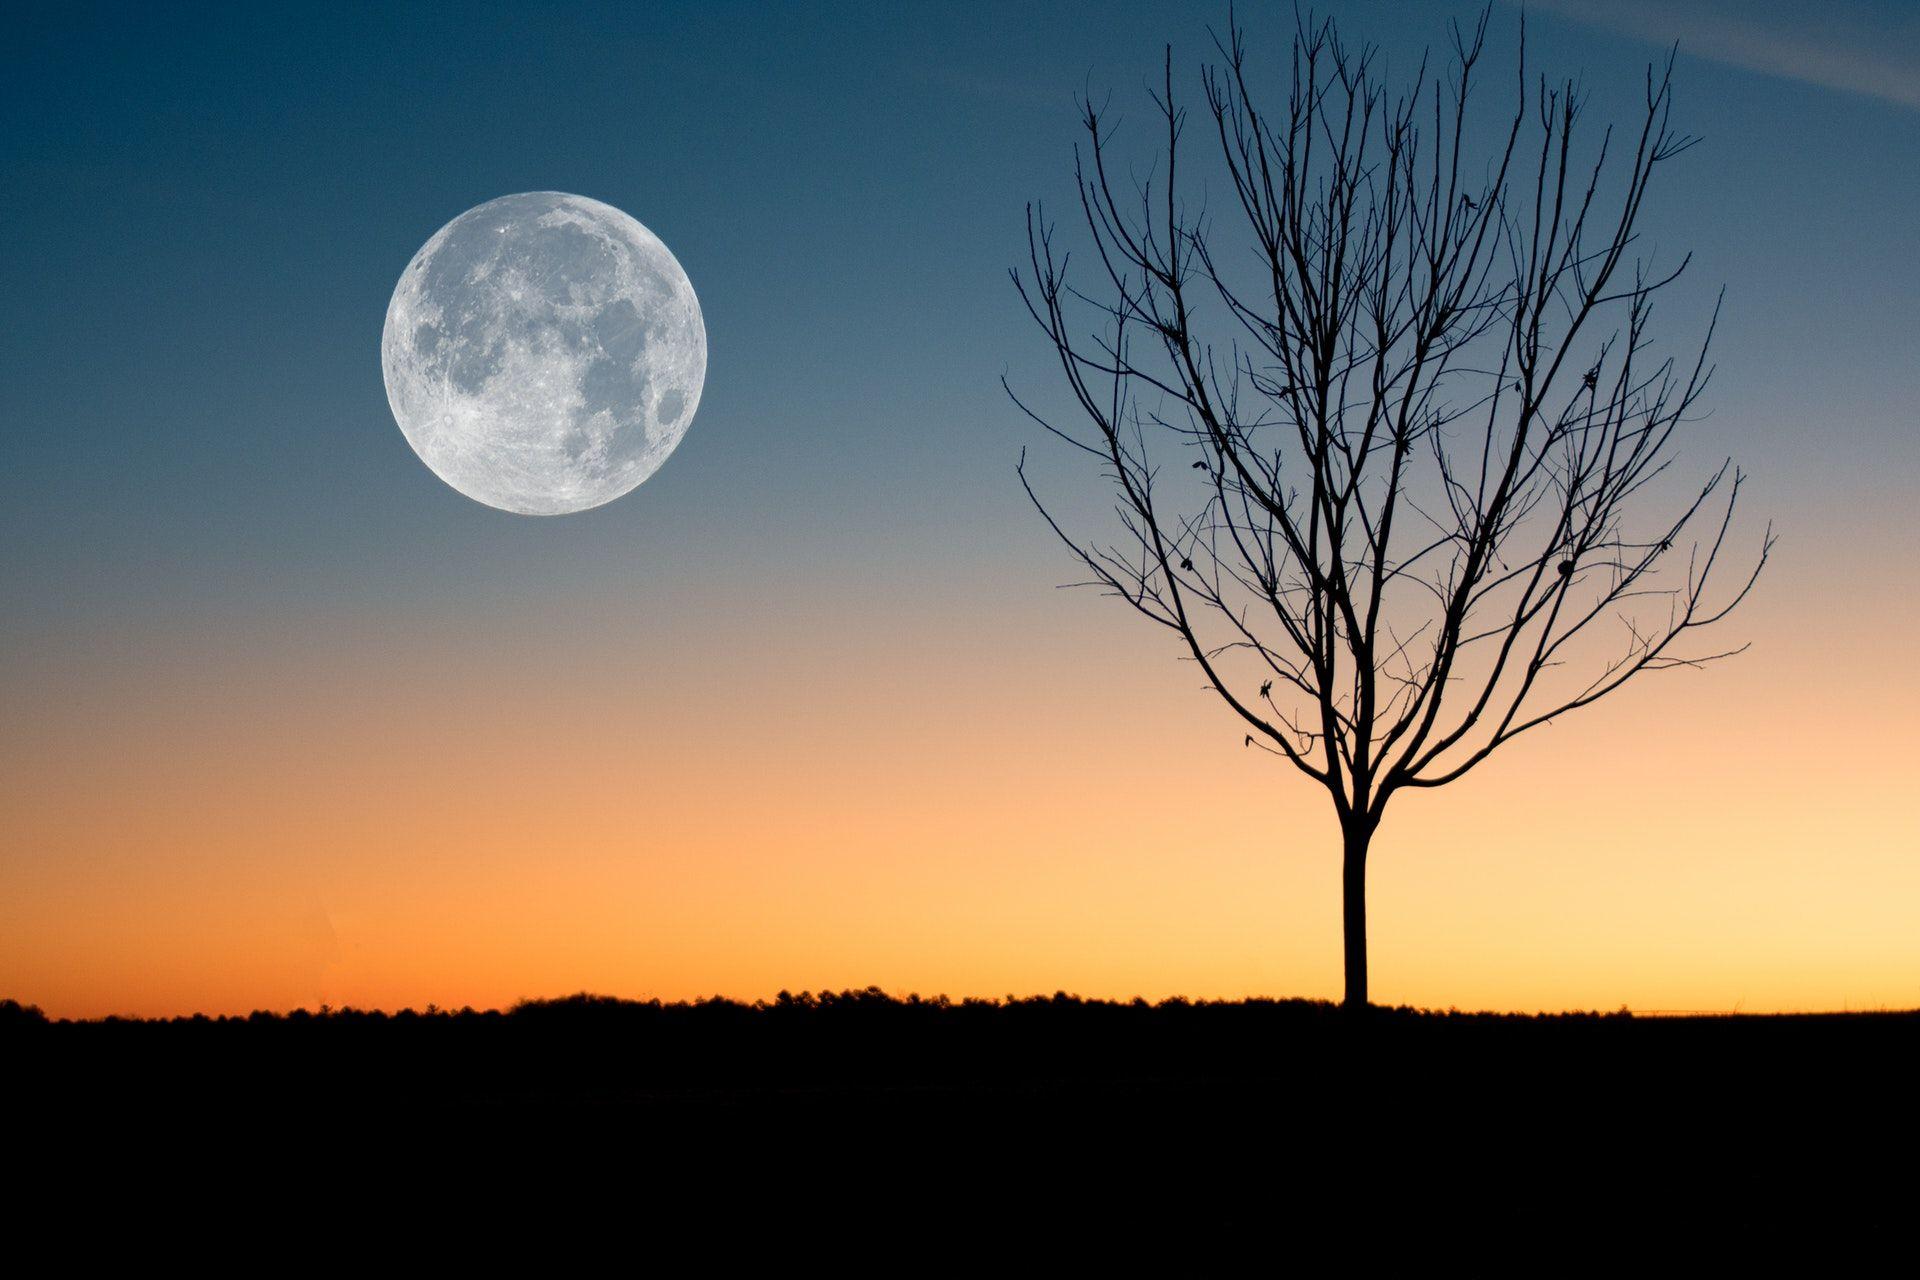 عکس زمینه ماه کامل در غروب آفتاب پس زمینه